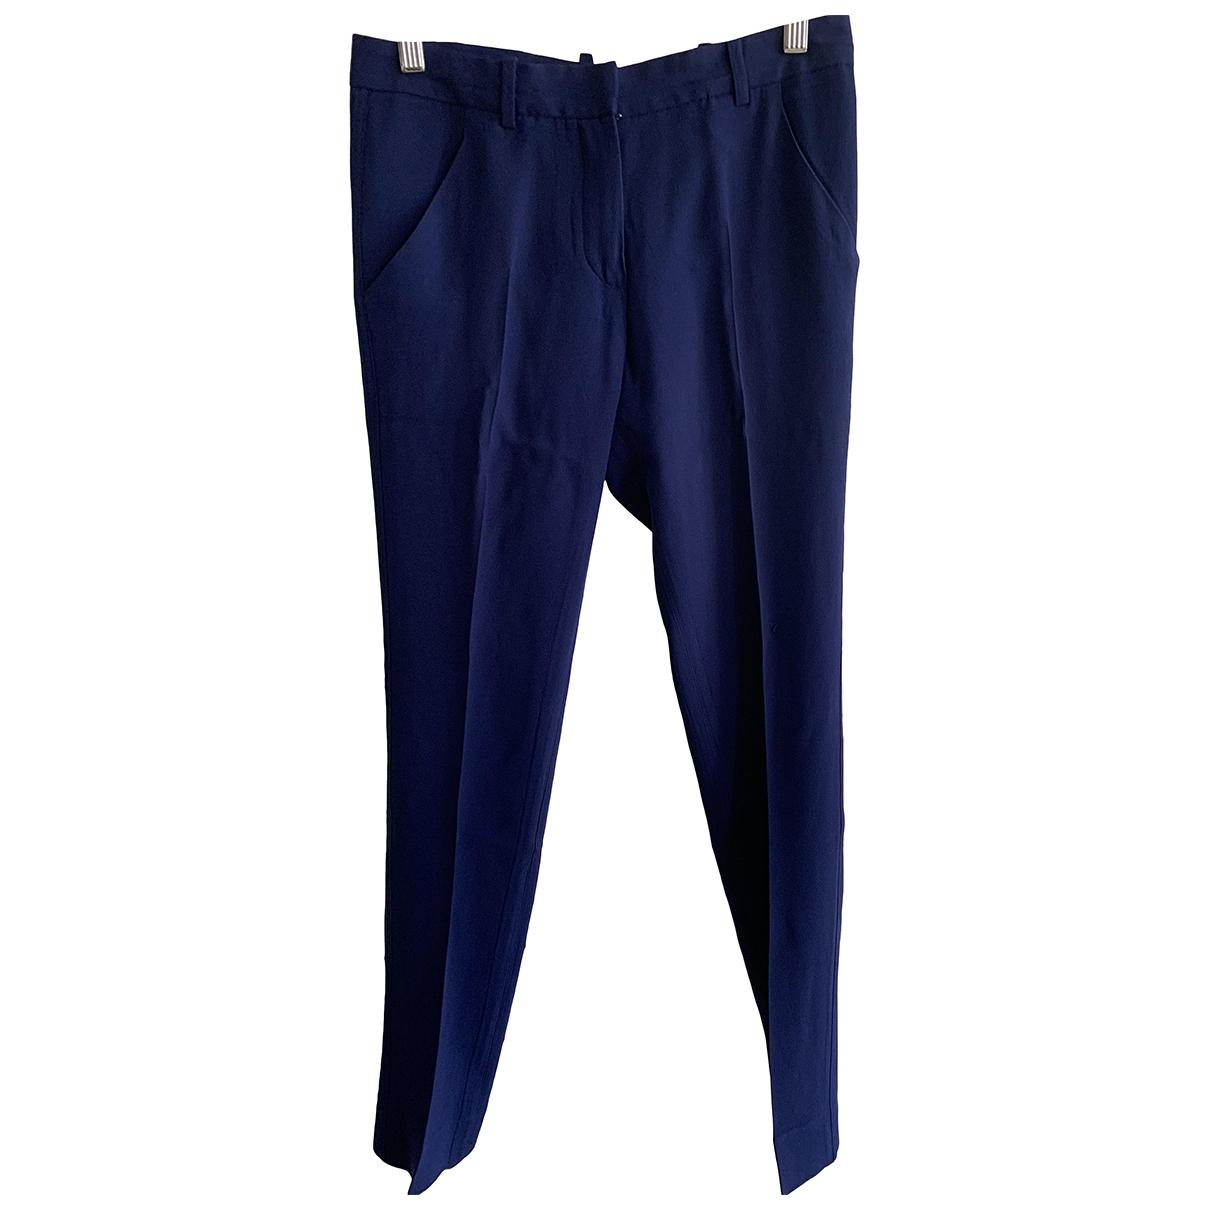 Balenciaga - Pantalon   pour femme - bleu